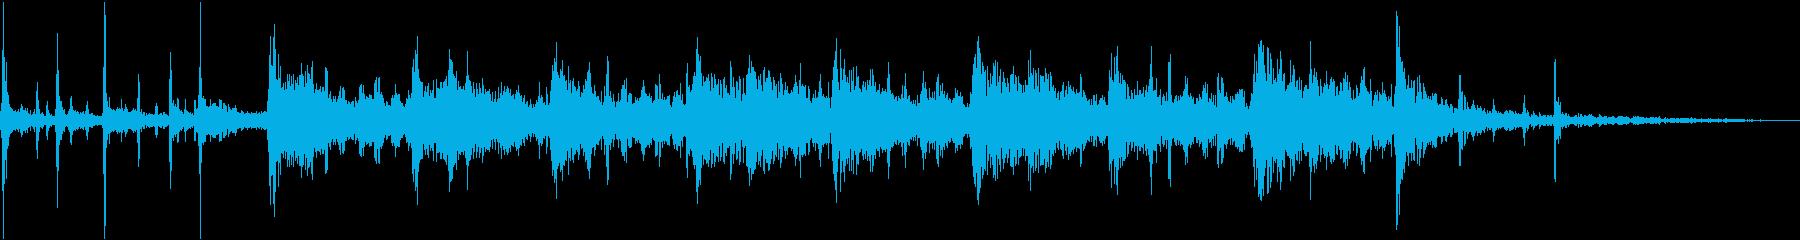 ドラマティックラテンギターアクセン...の再生済みの波形